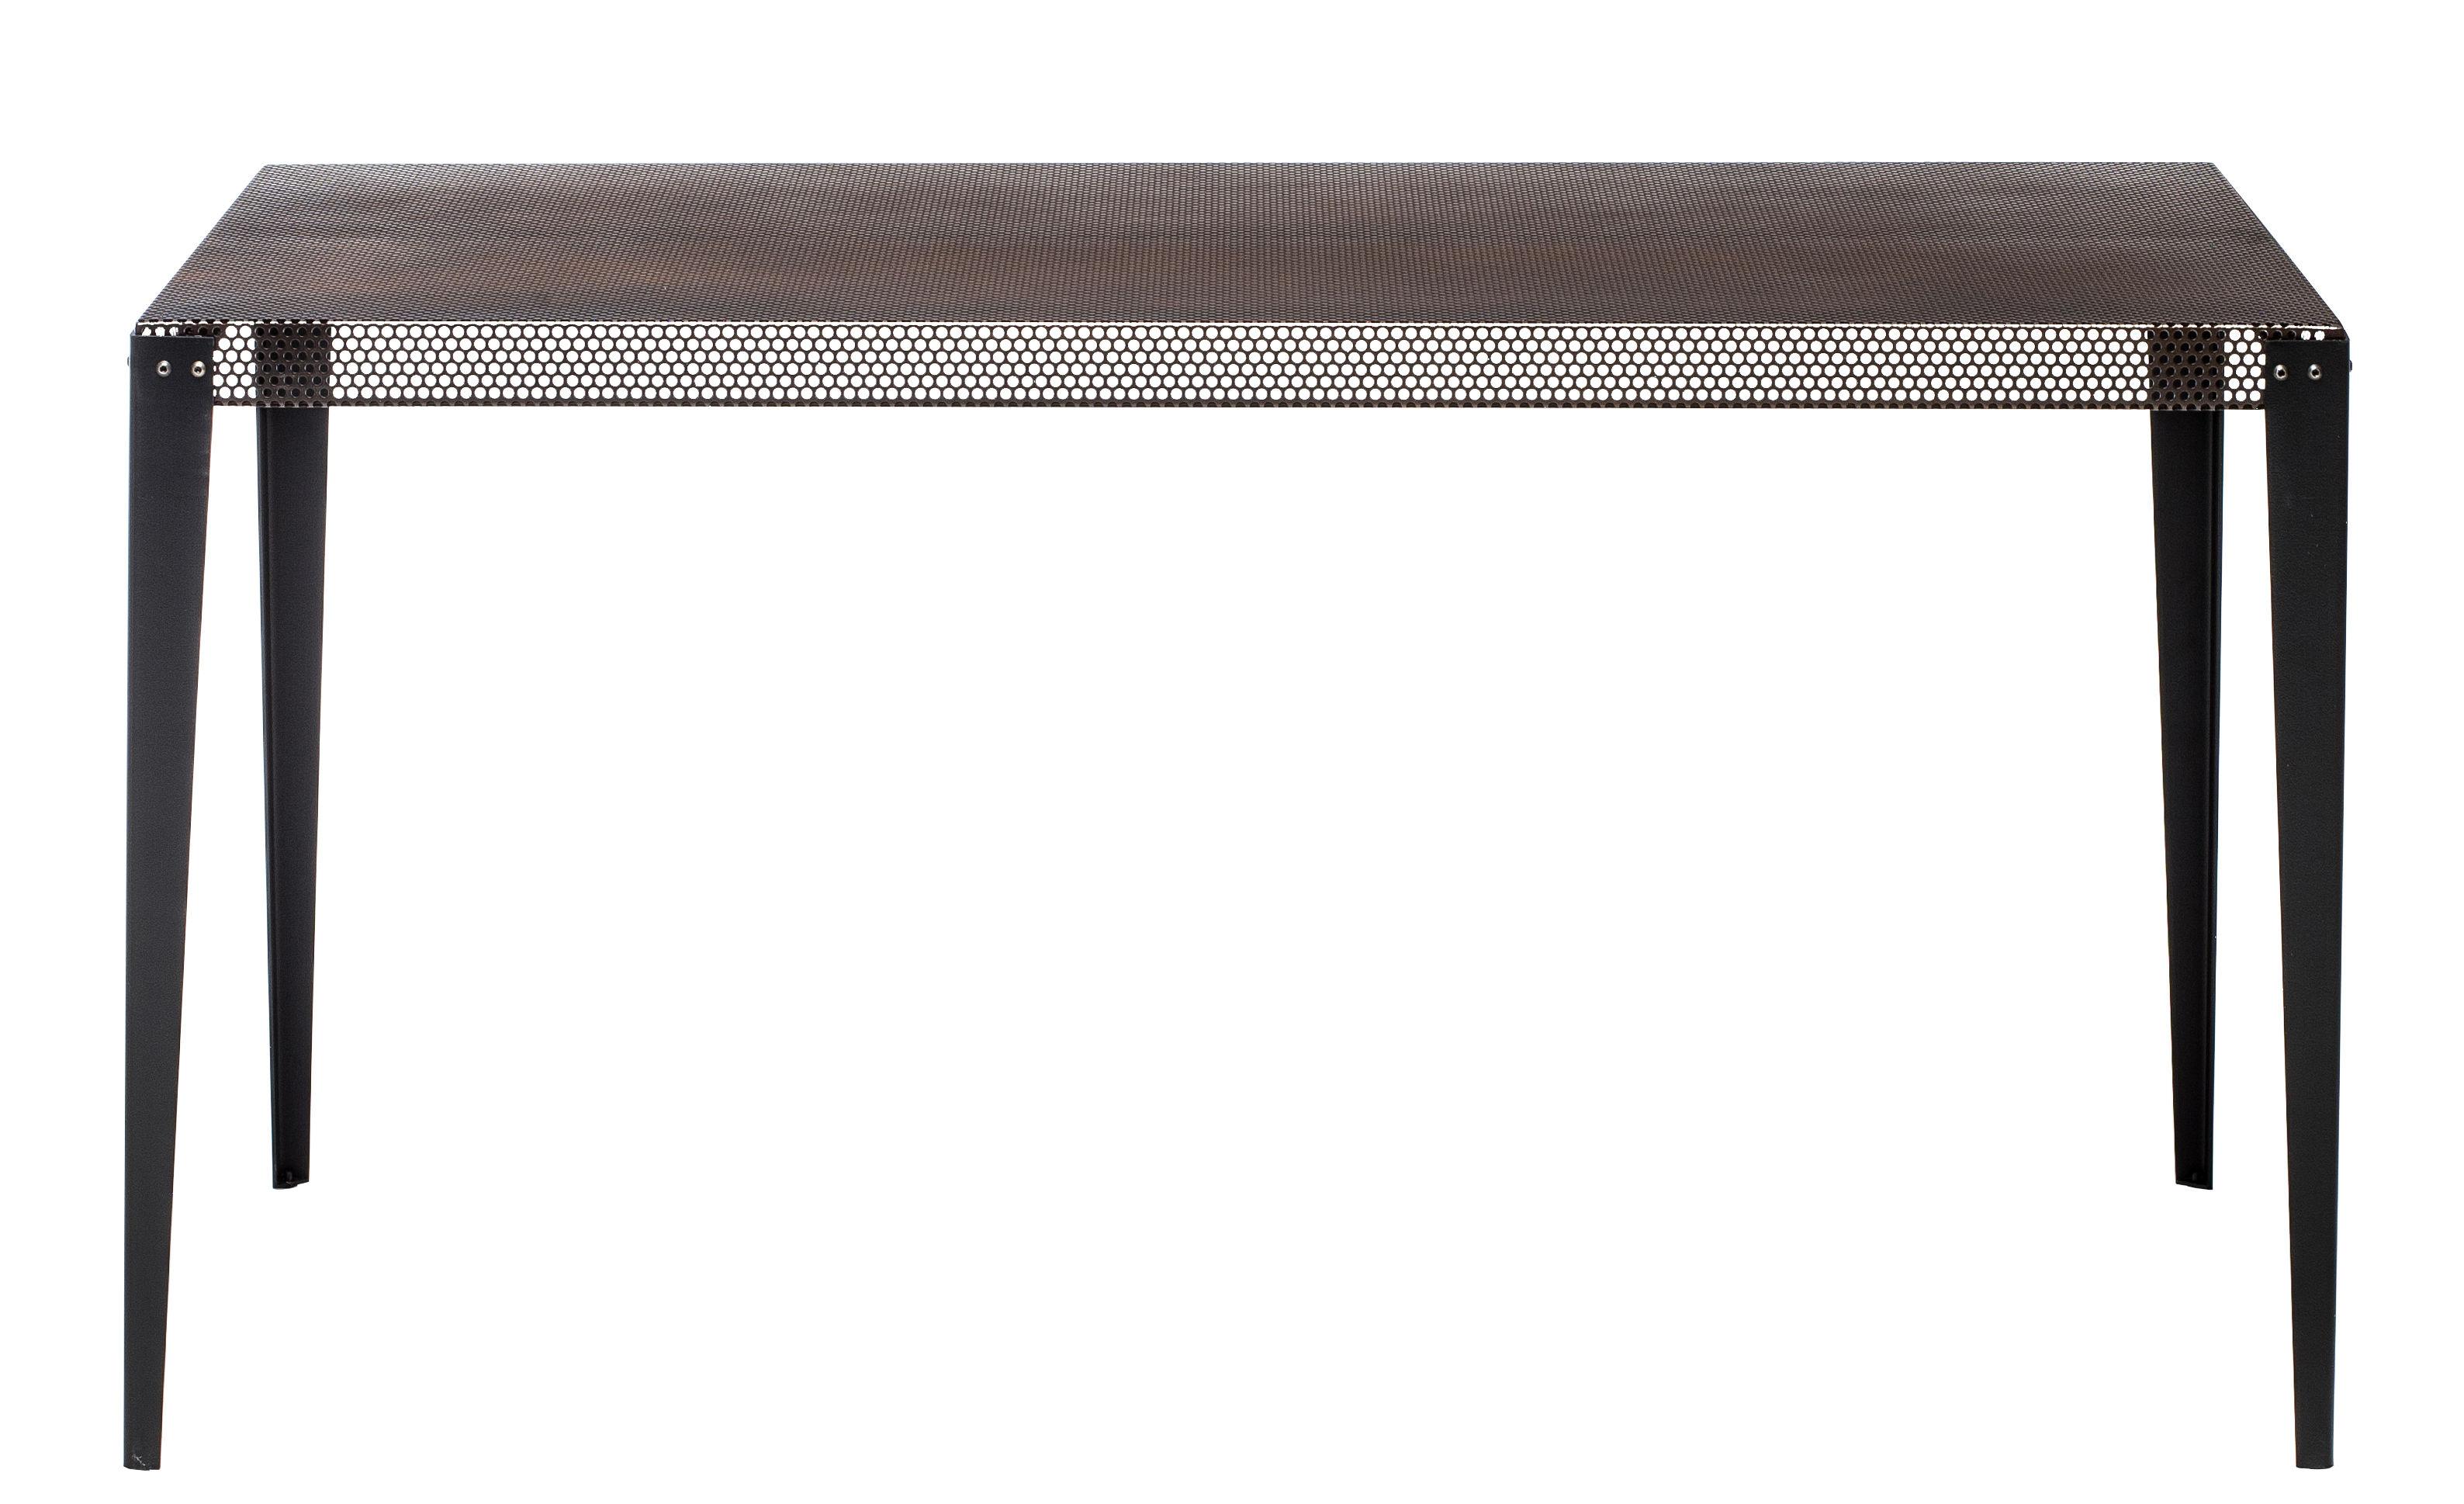 nizza tisch 140 x 90 cm kupferfarben tischbeine schwarz by diesel with moroso made in design. Black Bedroom Furniture Sets. Home Design Ideas